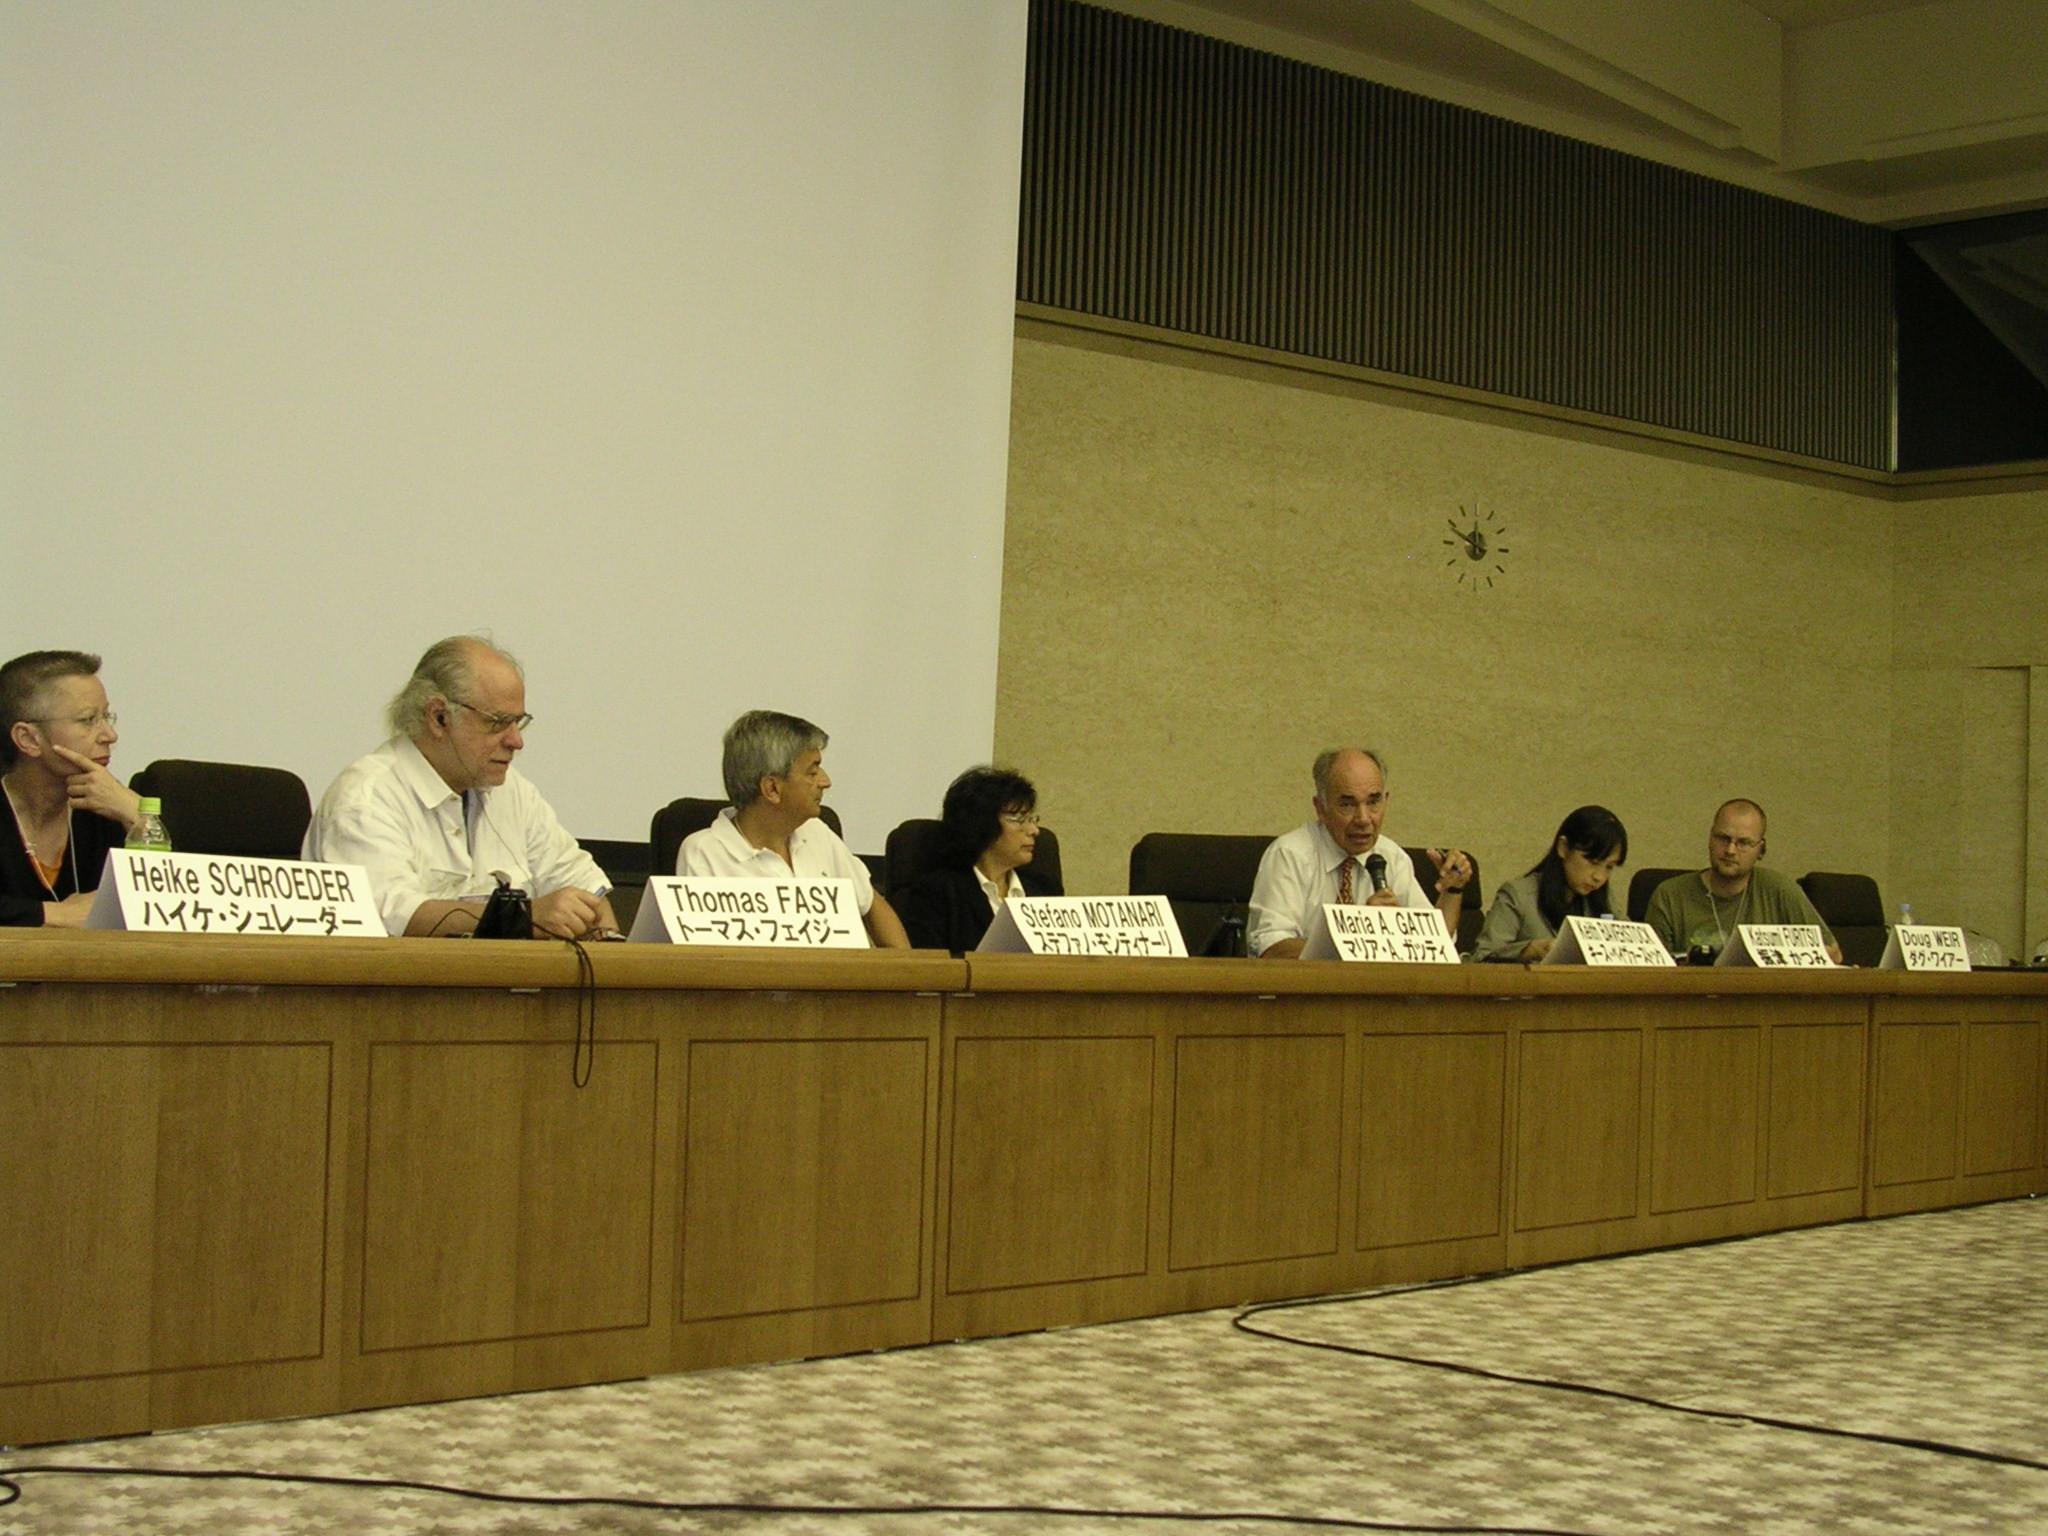 la sessione scientifica dell'assemblea plenaria